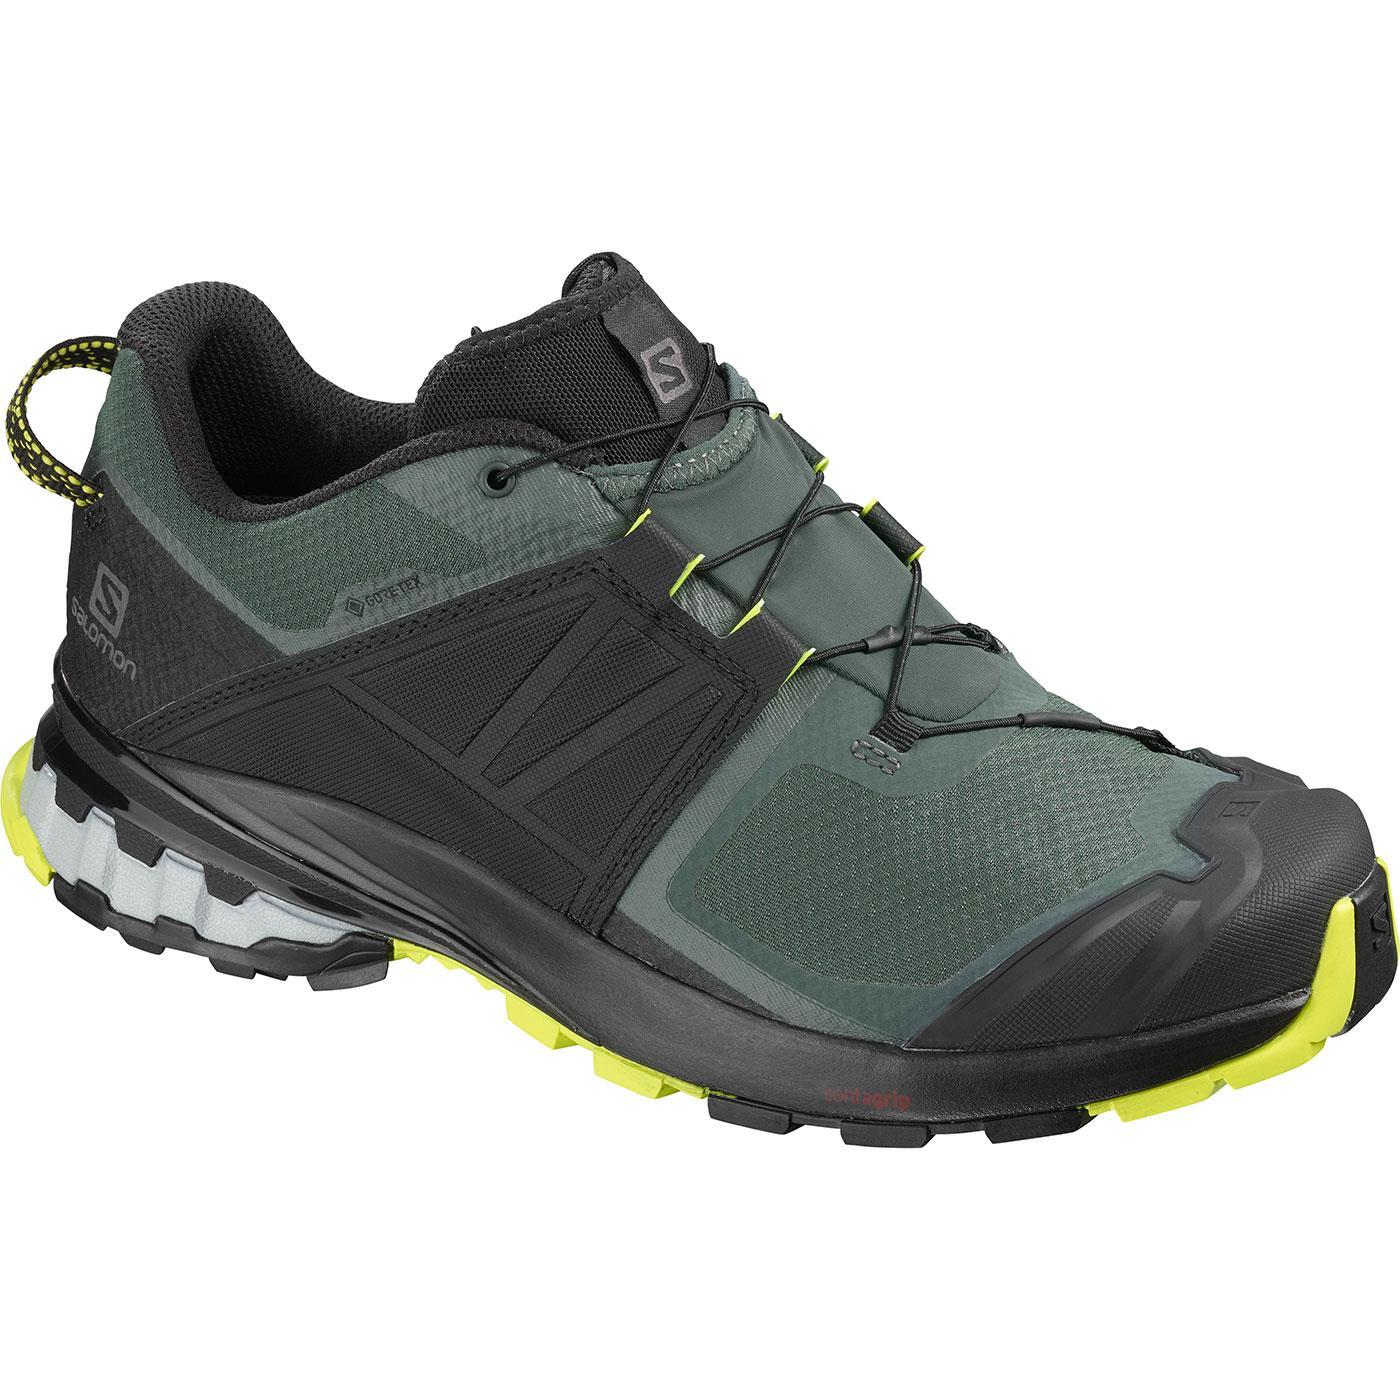 Salomon XA WILD GTX Erkek Ayakkabısı L40988400